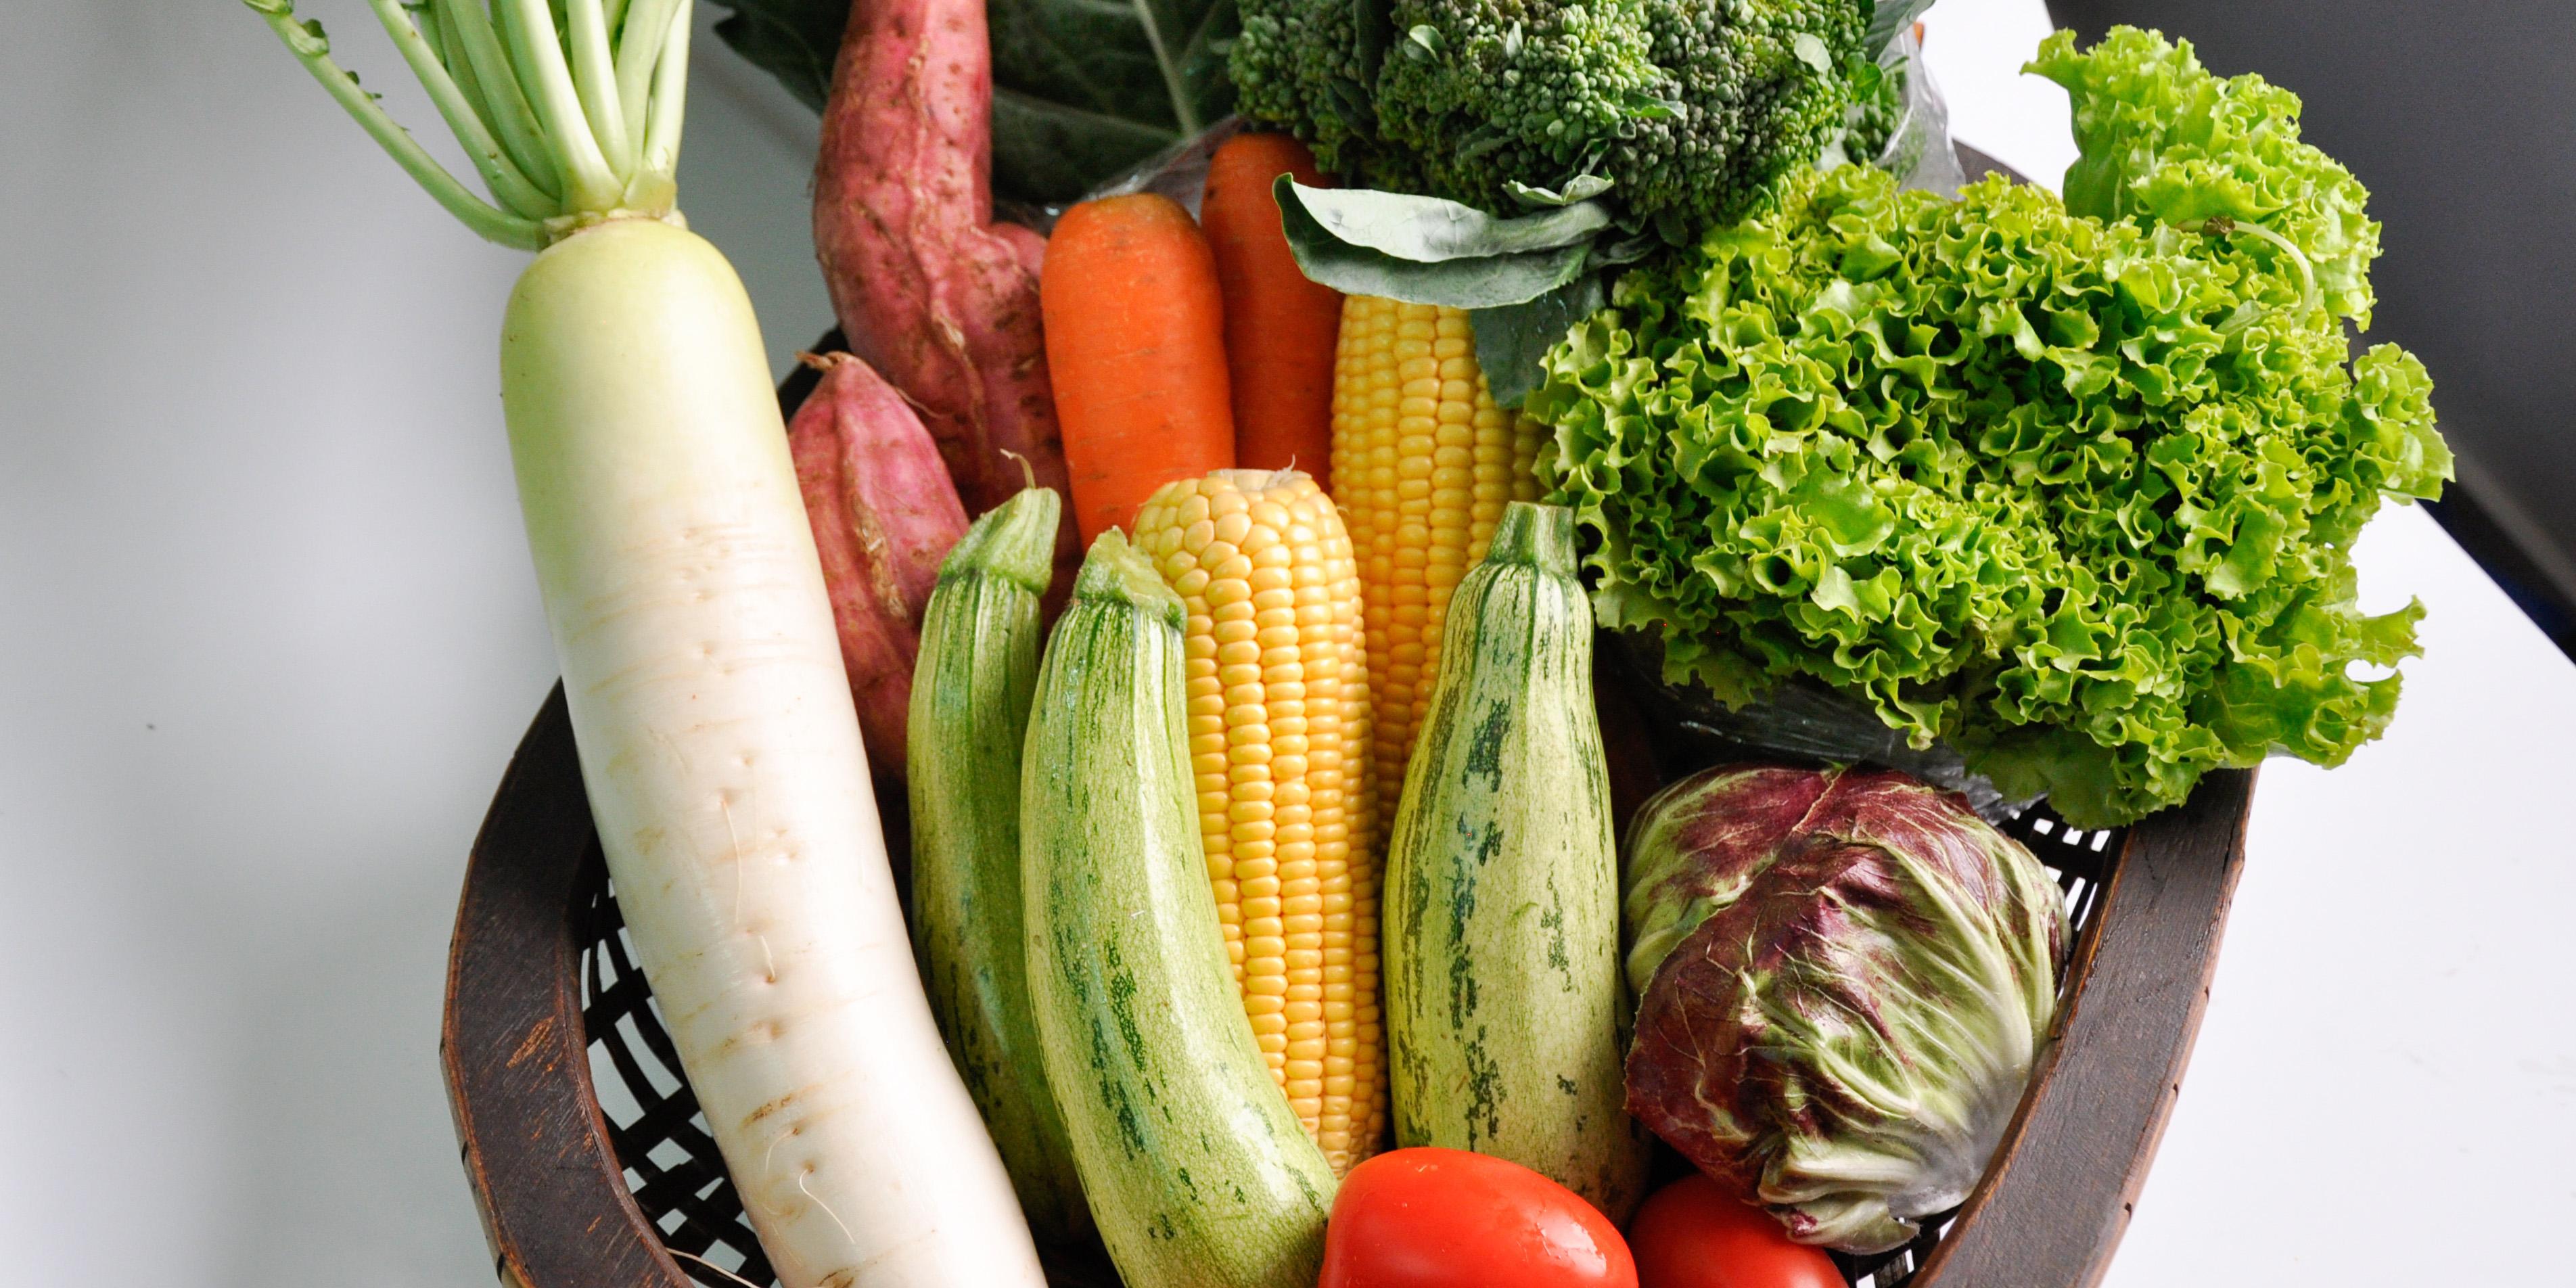 Produtos Orgânicos em variedade e praticidade pelo Delivery